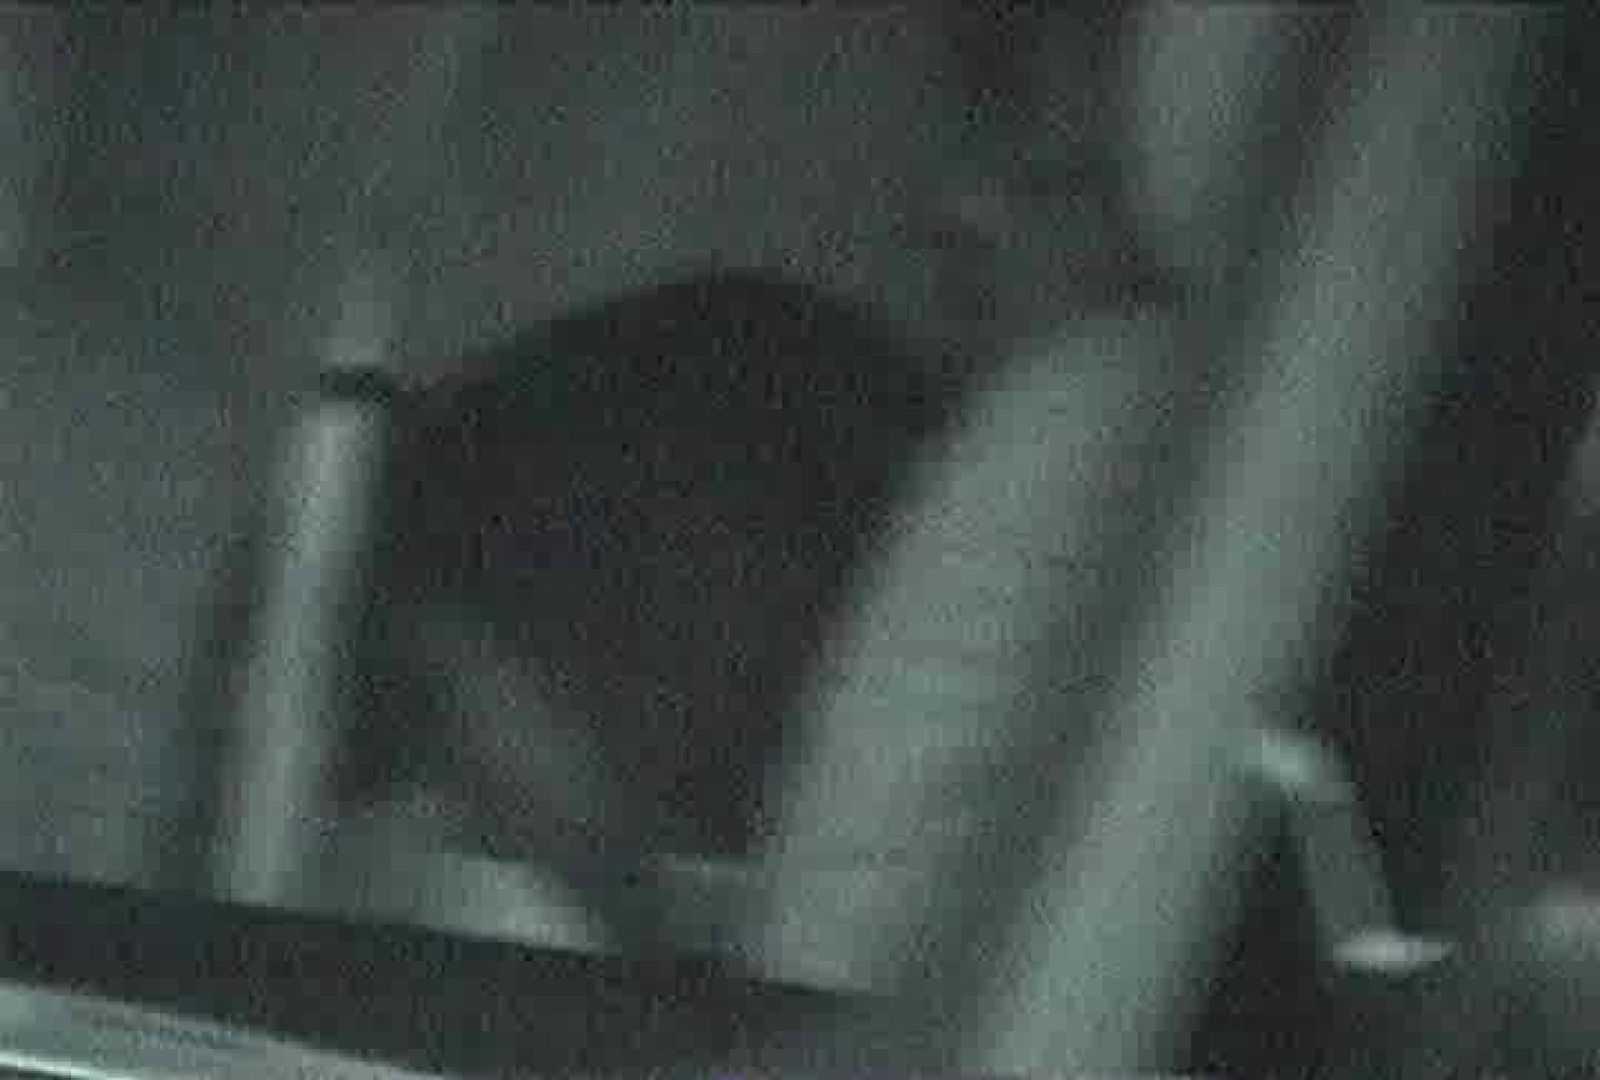 充血監督の深夜の運動会Vol.99 ギャル オマンコ動画キャプチャ 75PIX 38